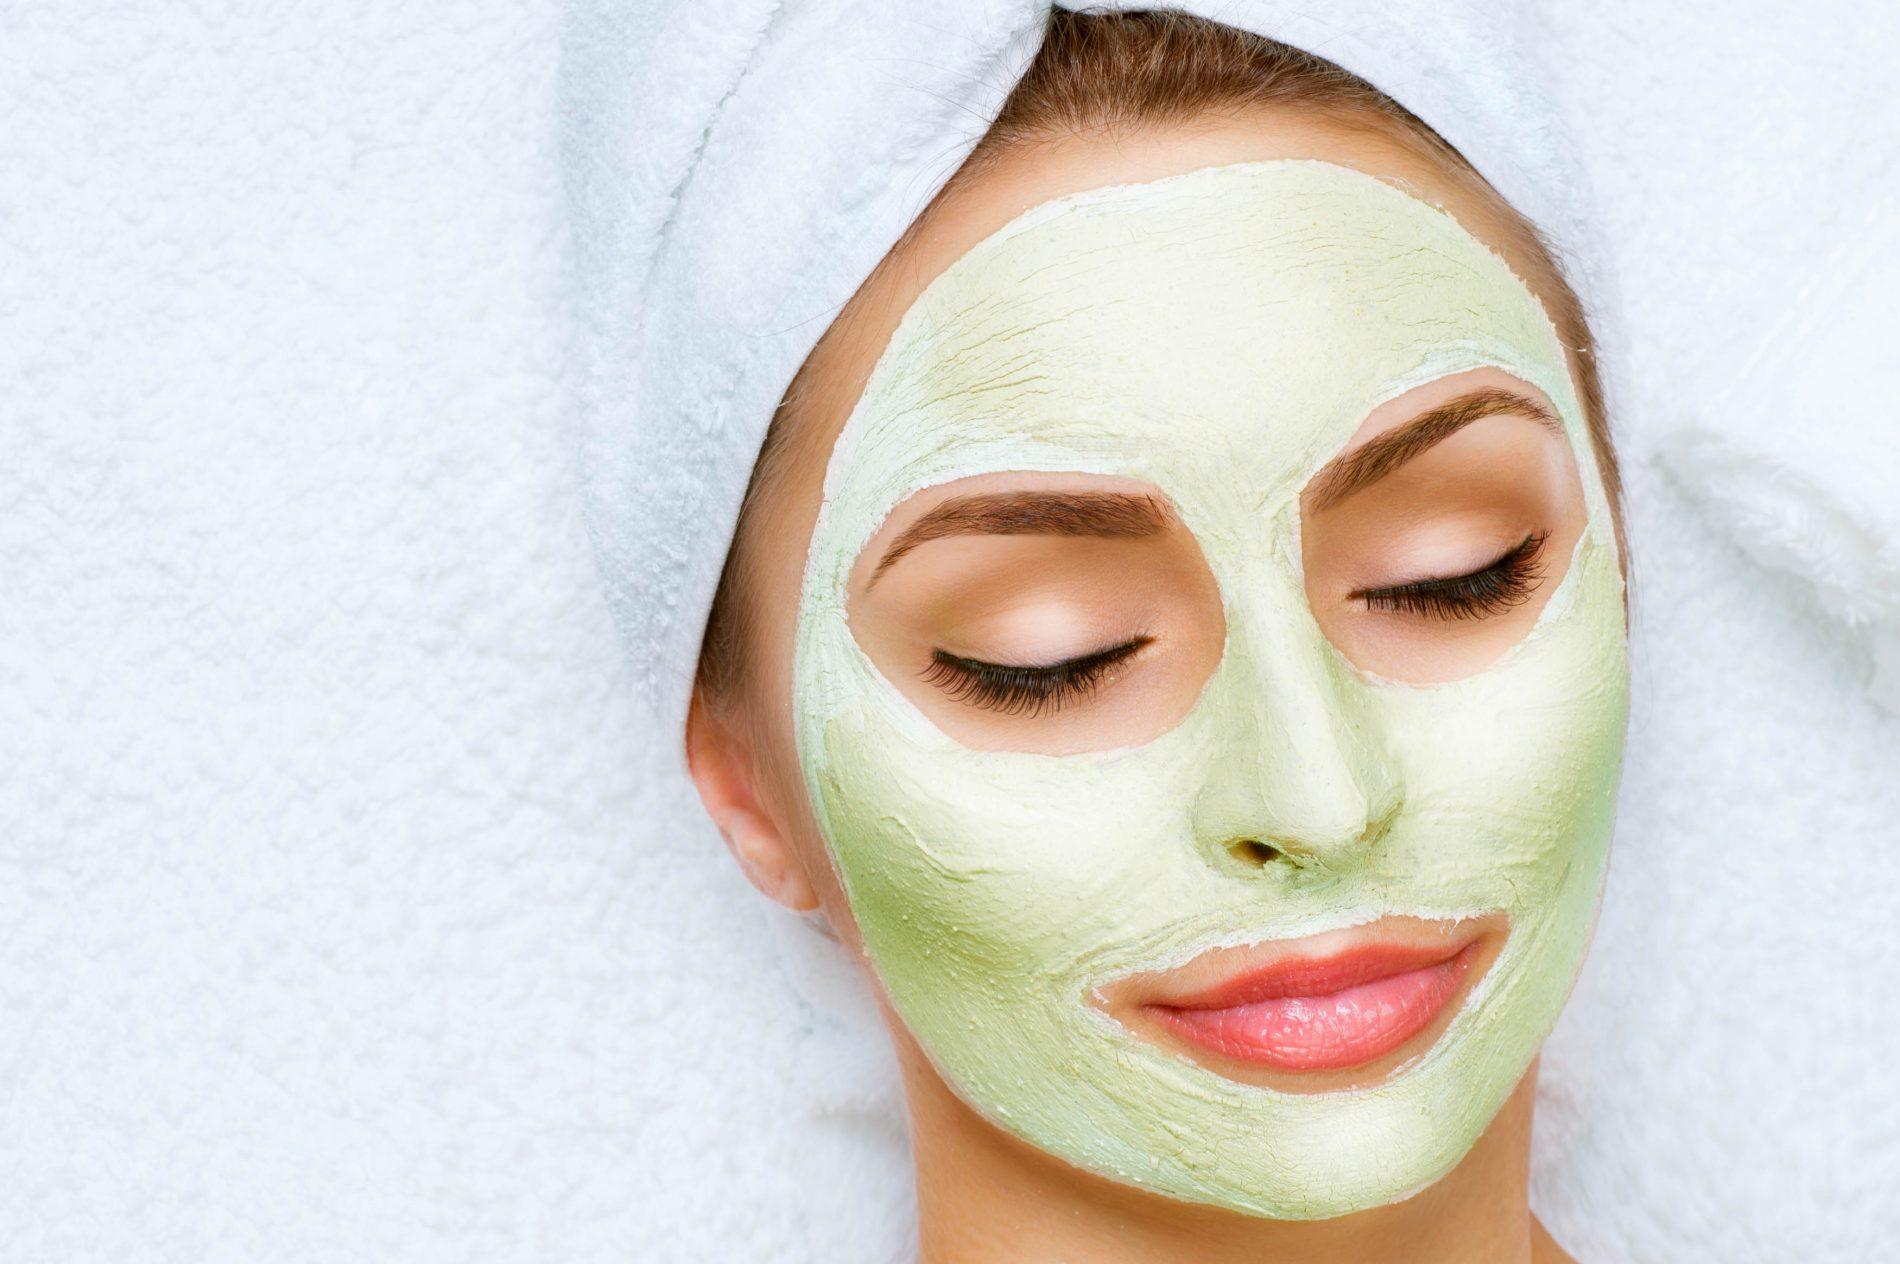 fai una maschera di bellezza per ritrovare l'energia perduta